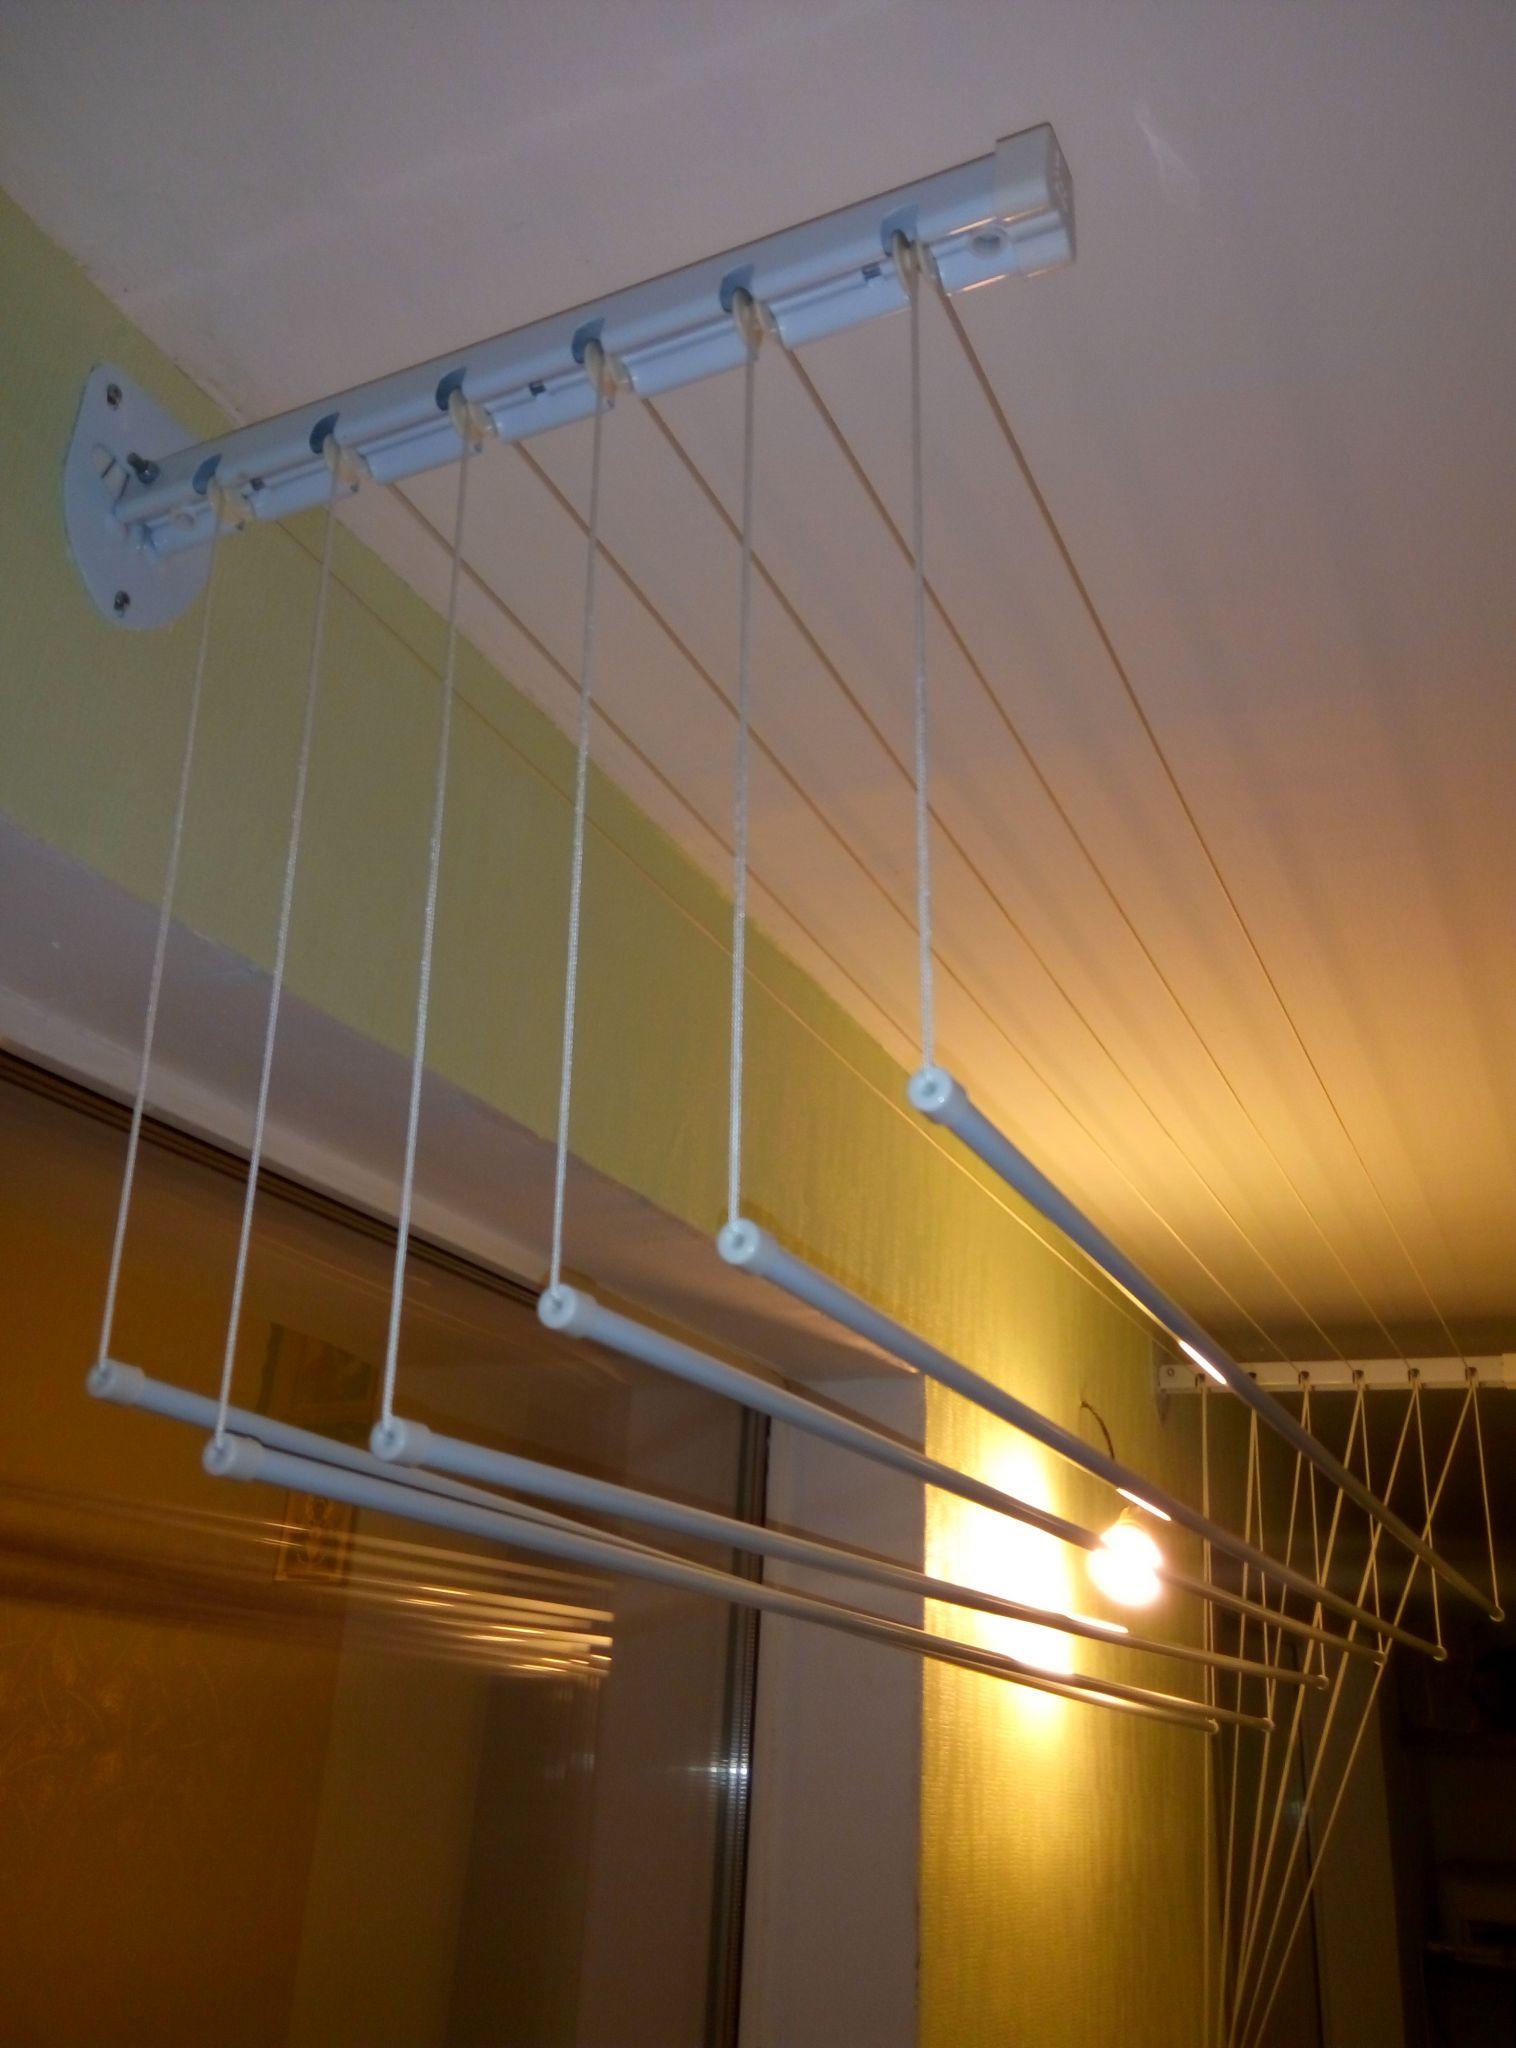 Потолочная сушилка на балкон для белья (80 фото): балконная .